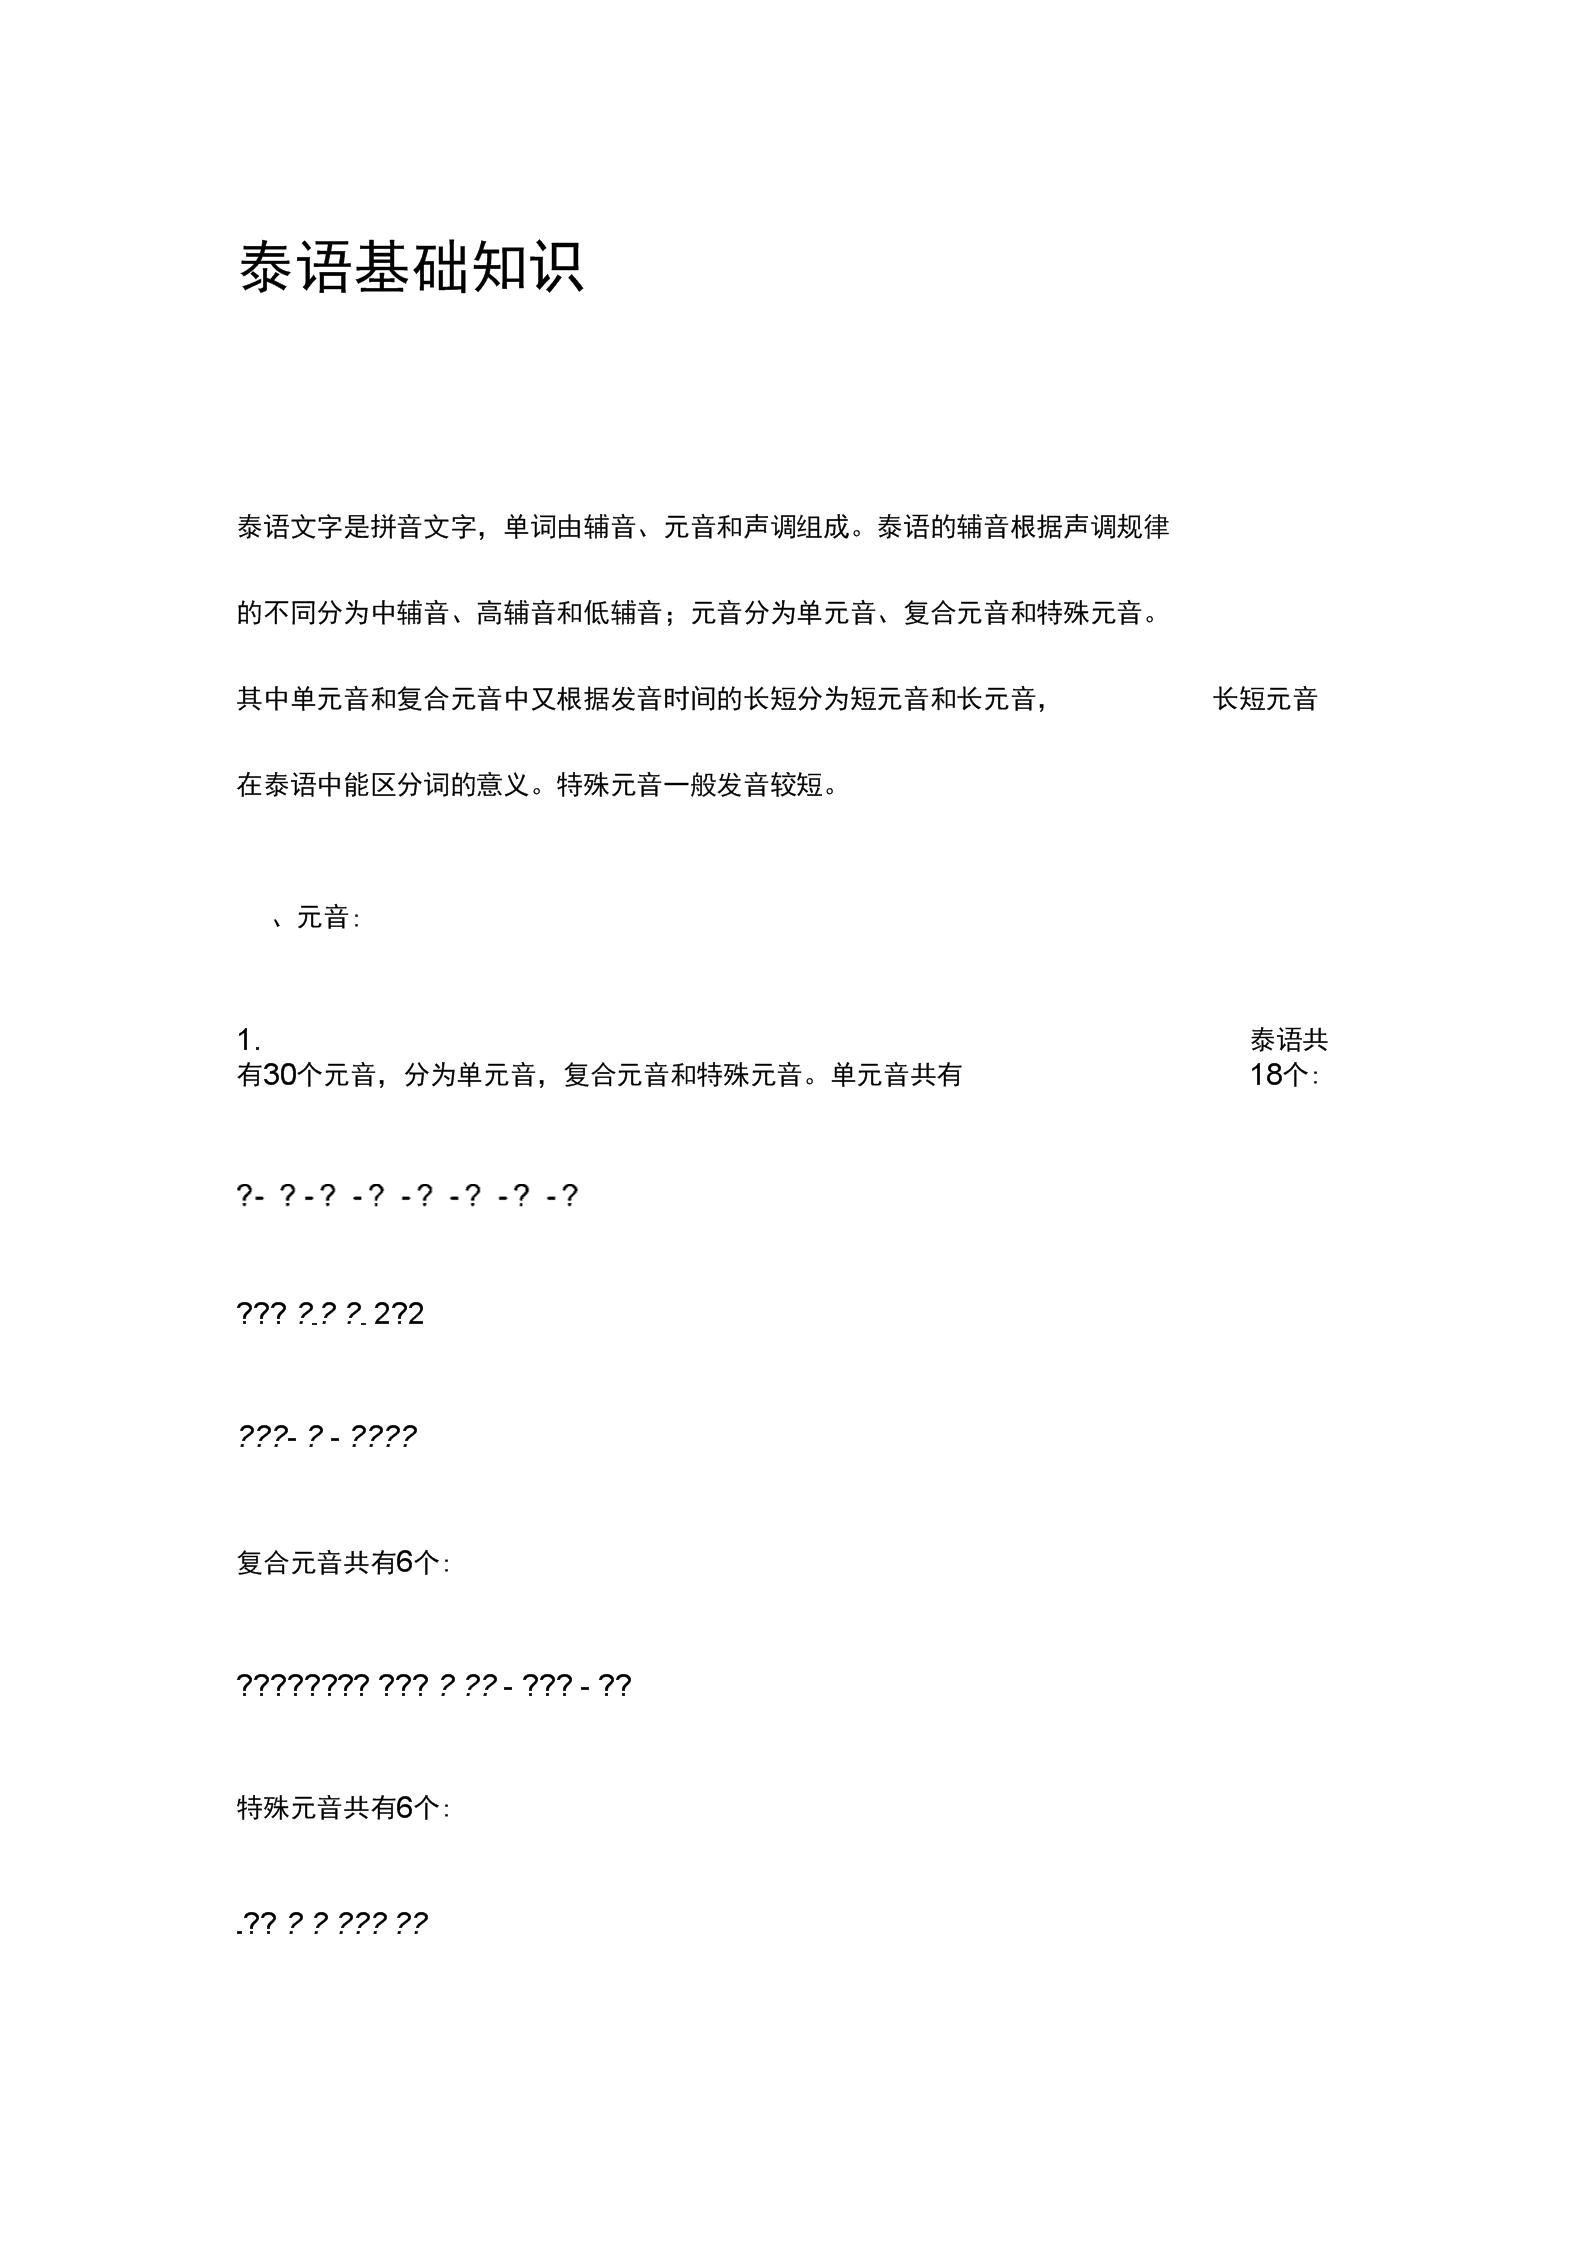 2020泰语基础知识.docx